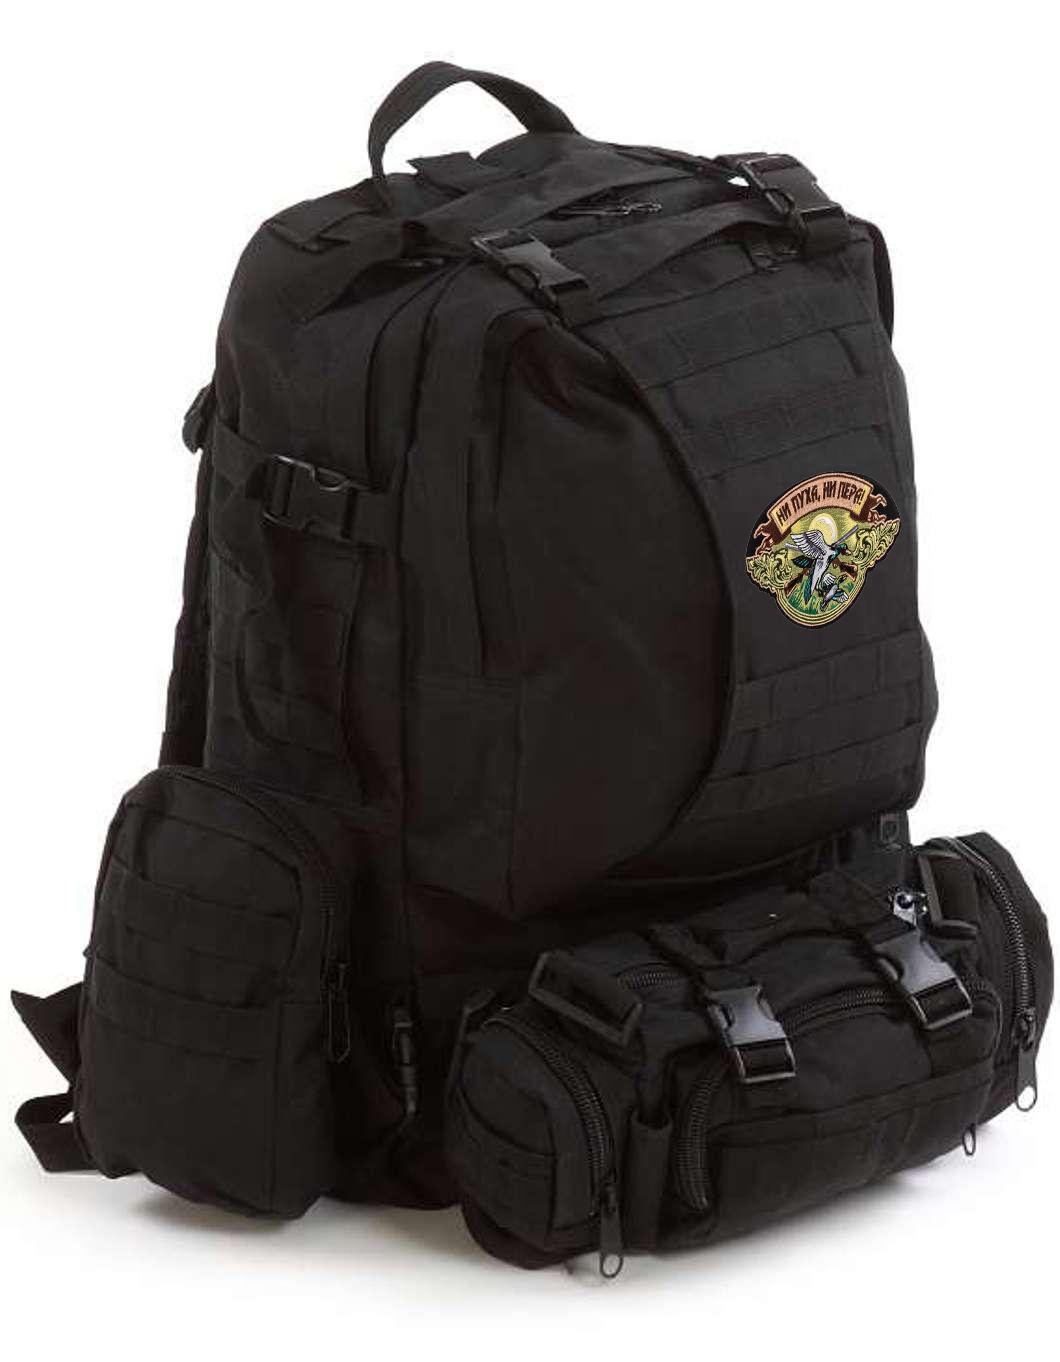 Туристический черный рюкзак с нашивкой Ни пуха, Ни пера! - заказать выгодно